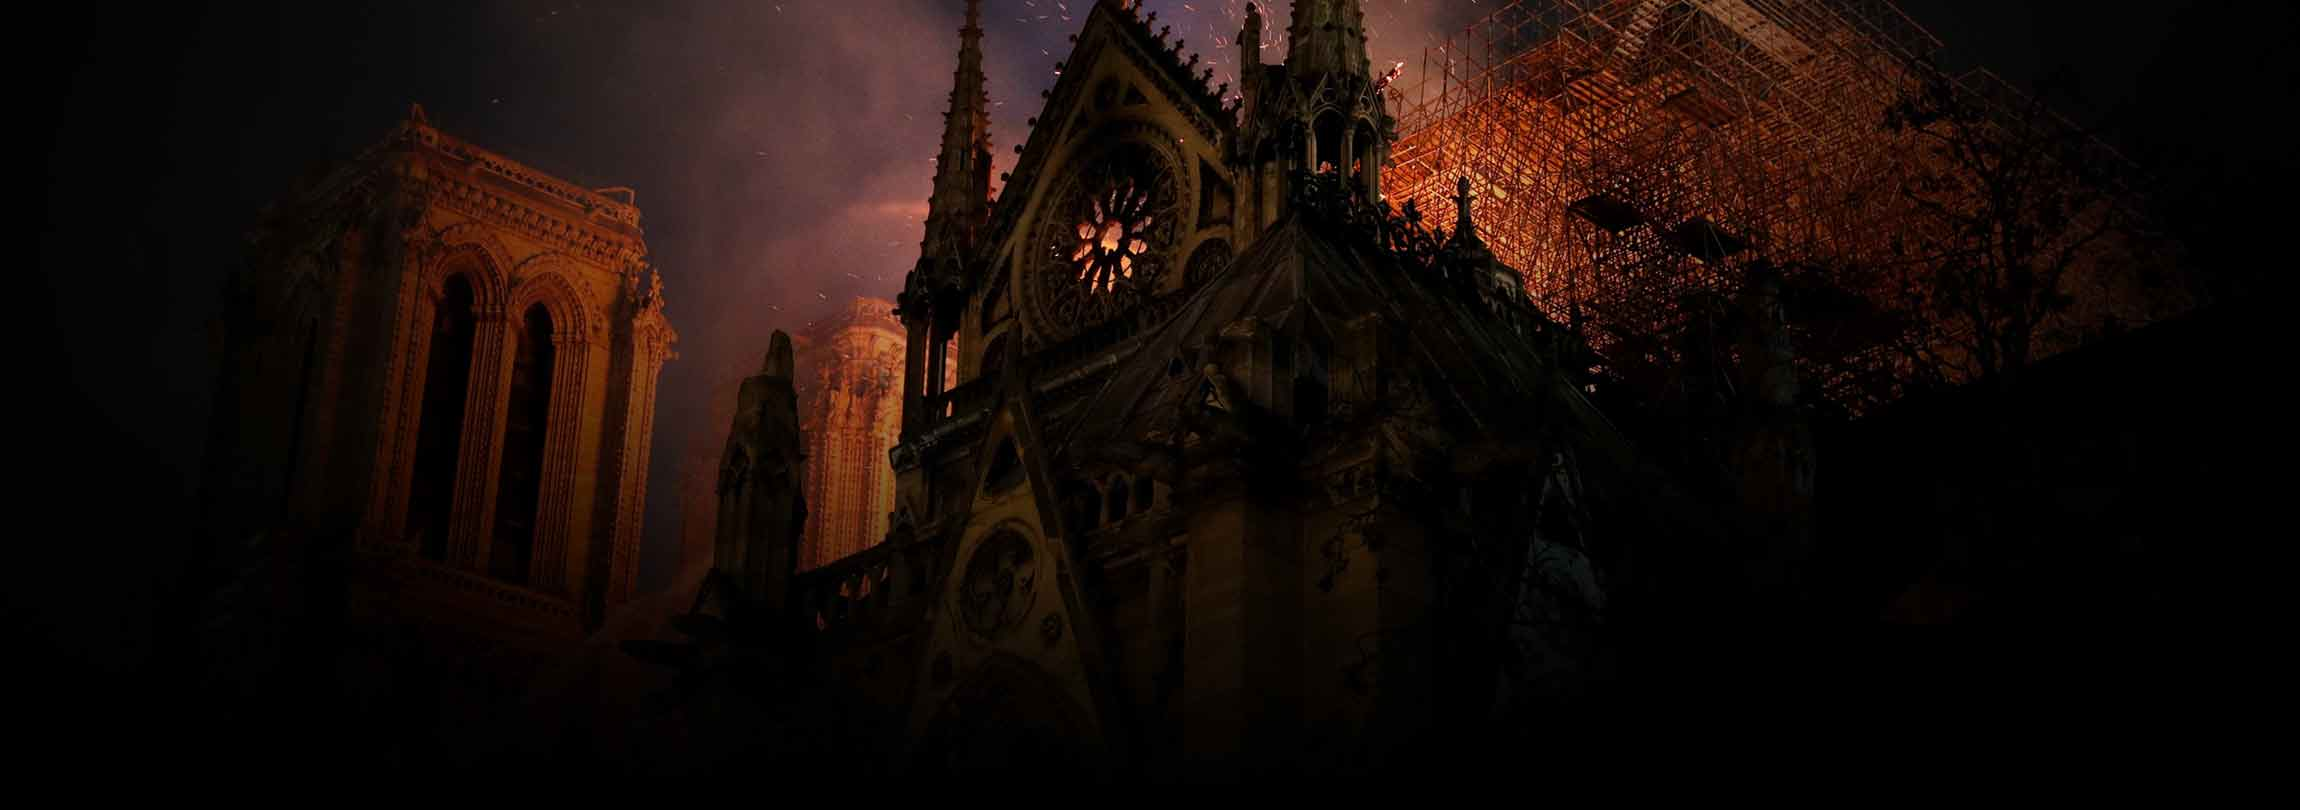 Igreja, não museu